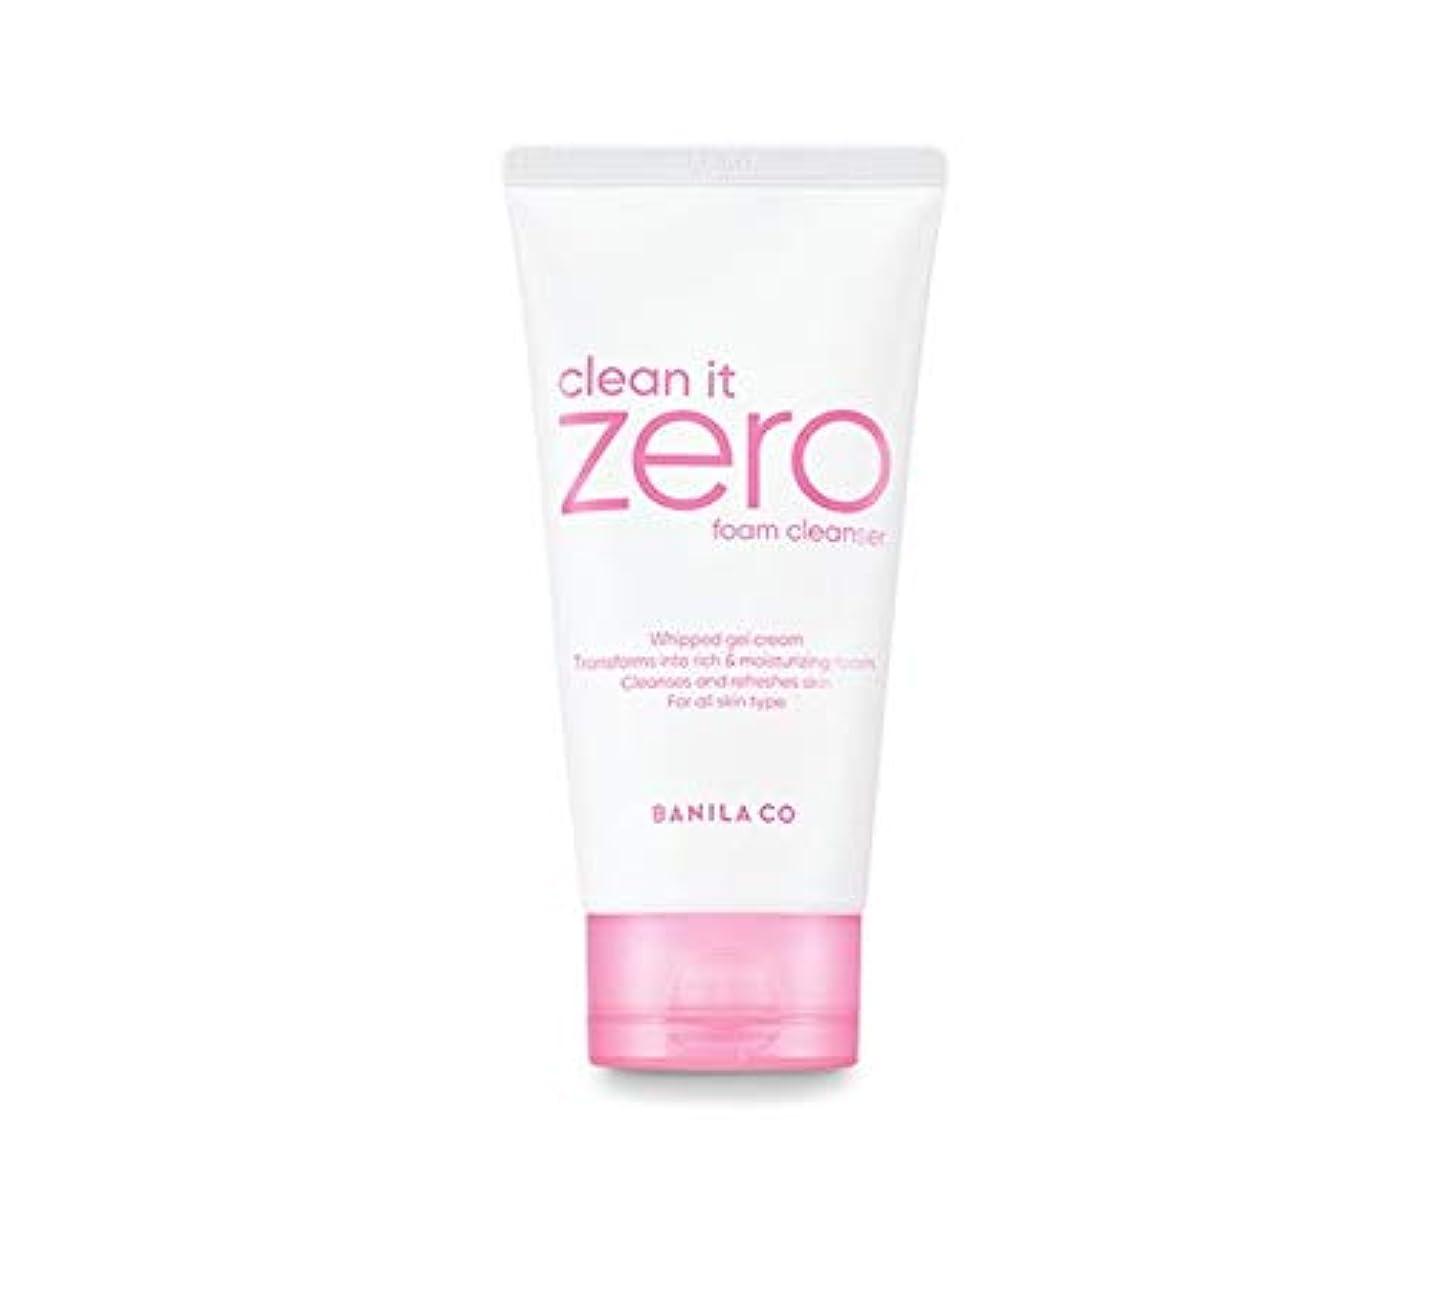 負散歩うねるbanilaco クリーンイットゼロフォームクレンザー/Clean It Zero Foam Cleanser 150ml [並行輸入品]